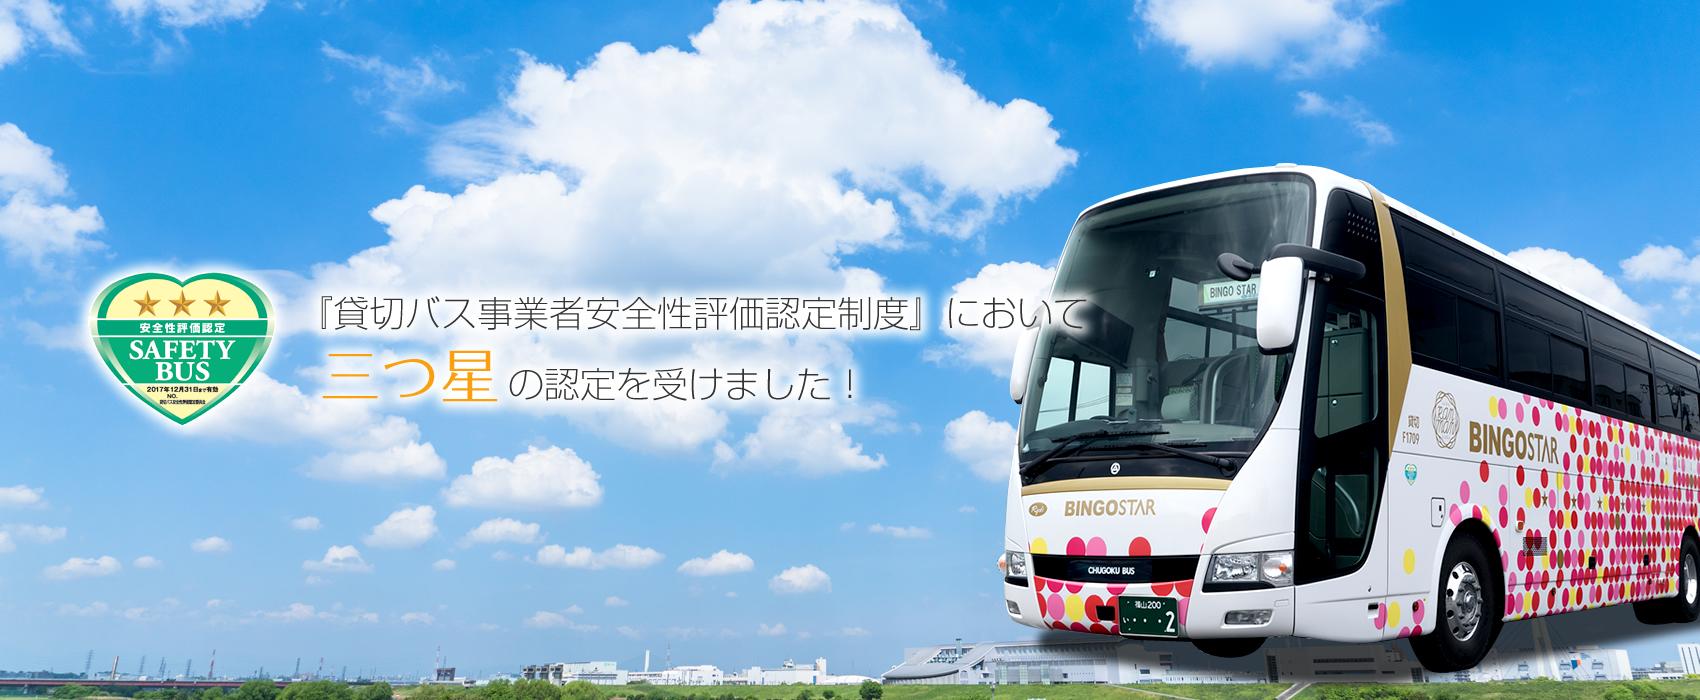 メイン画像:「貸切バス事業者安全性評価認定制度」において三つ星の認定を受けました